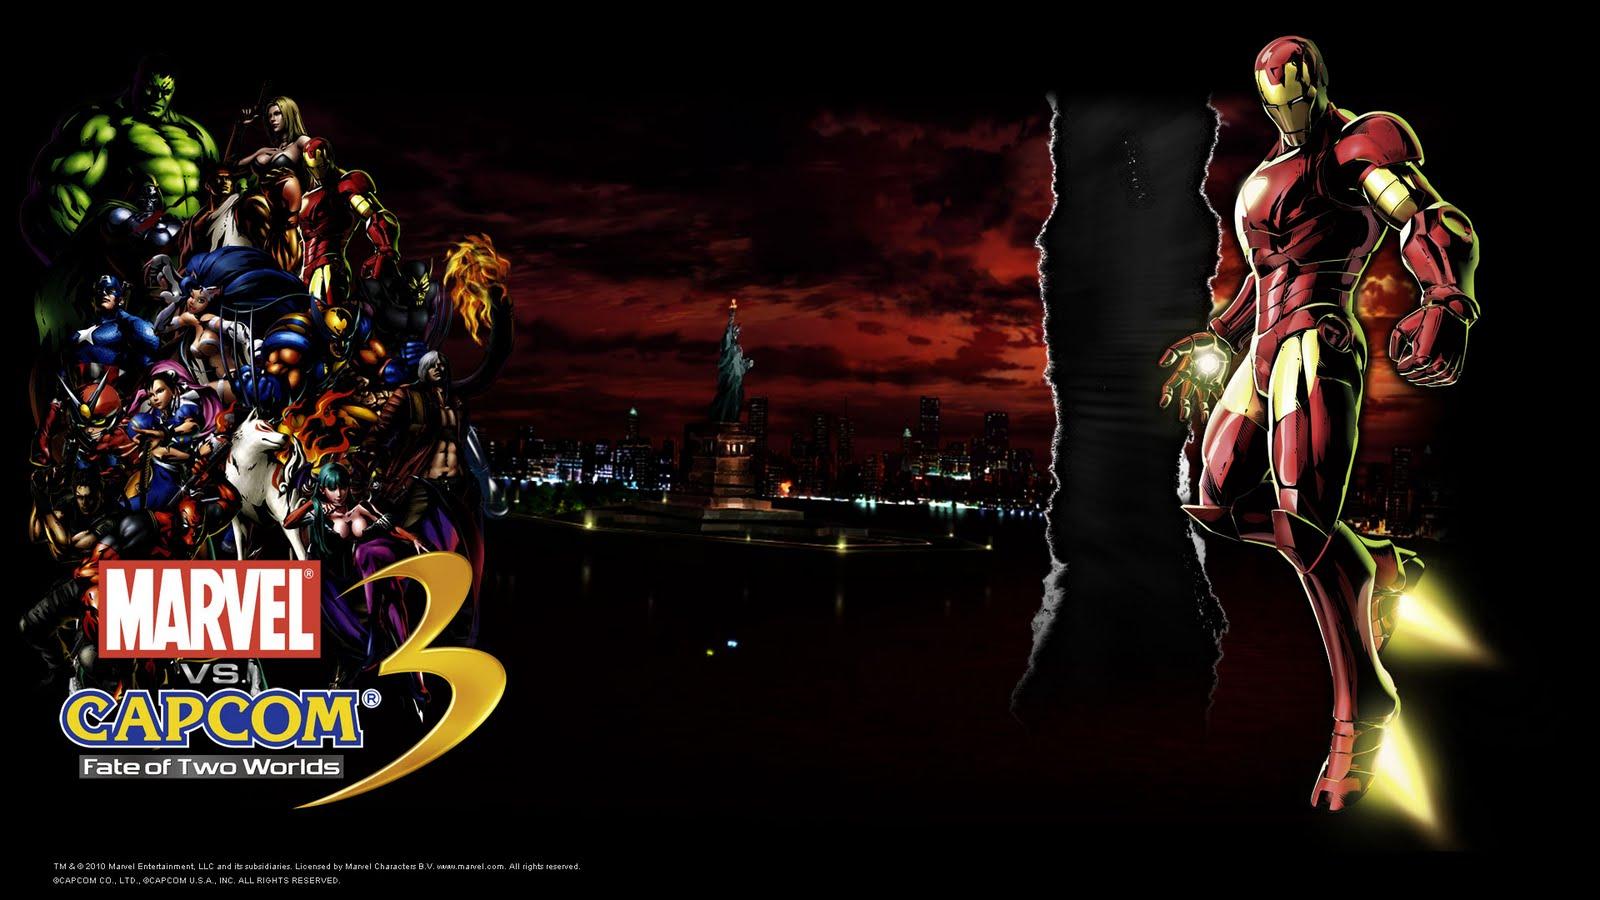 http://3.bp.blogspot.com/-zAoMiXrsfvY/Tb85KVxUwnI/AAAAAAAAAVU/vDBkHeV4UkE/s1600/iron+man+marvel+vs+capcom+3+wallpaper.jpg